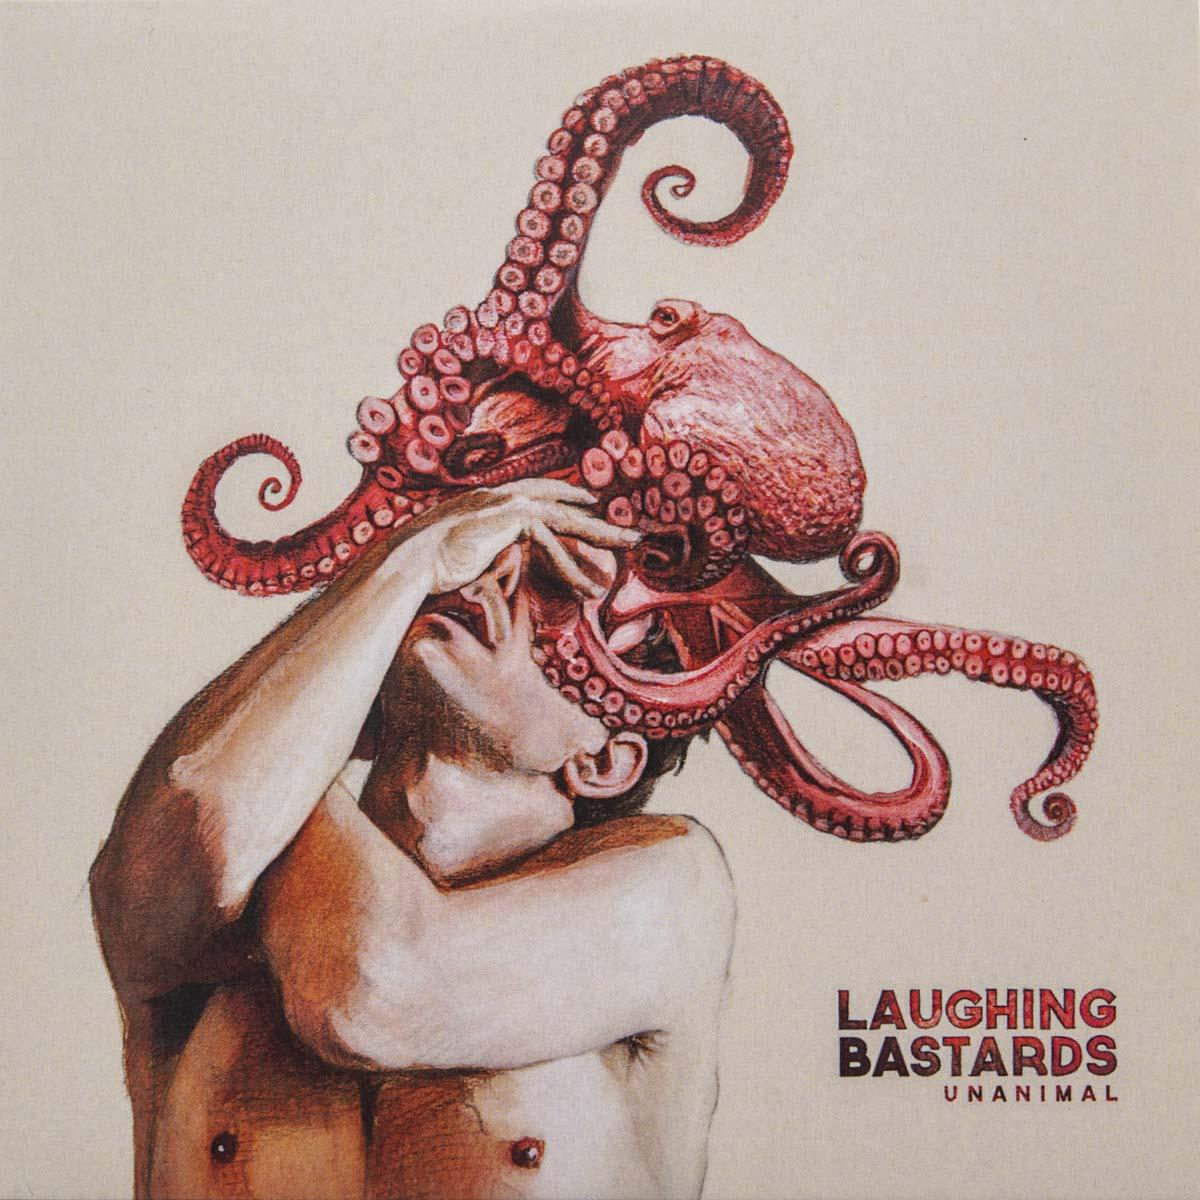 Laughing Bastards - UNANIMAL